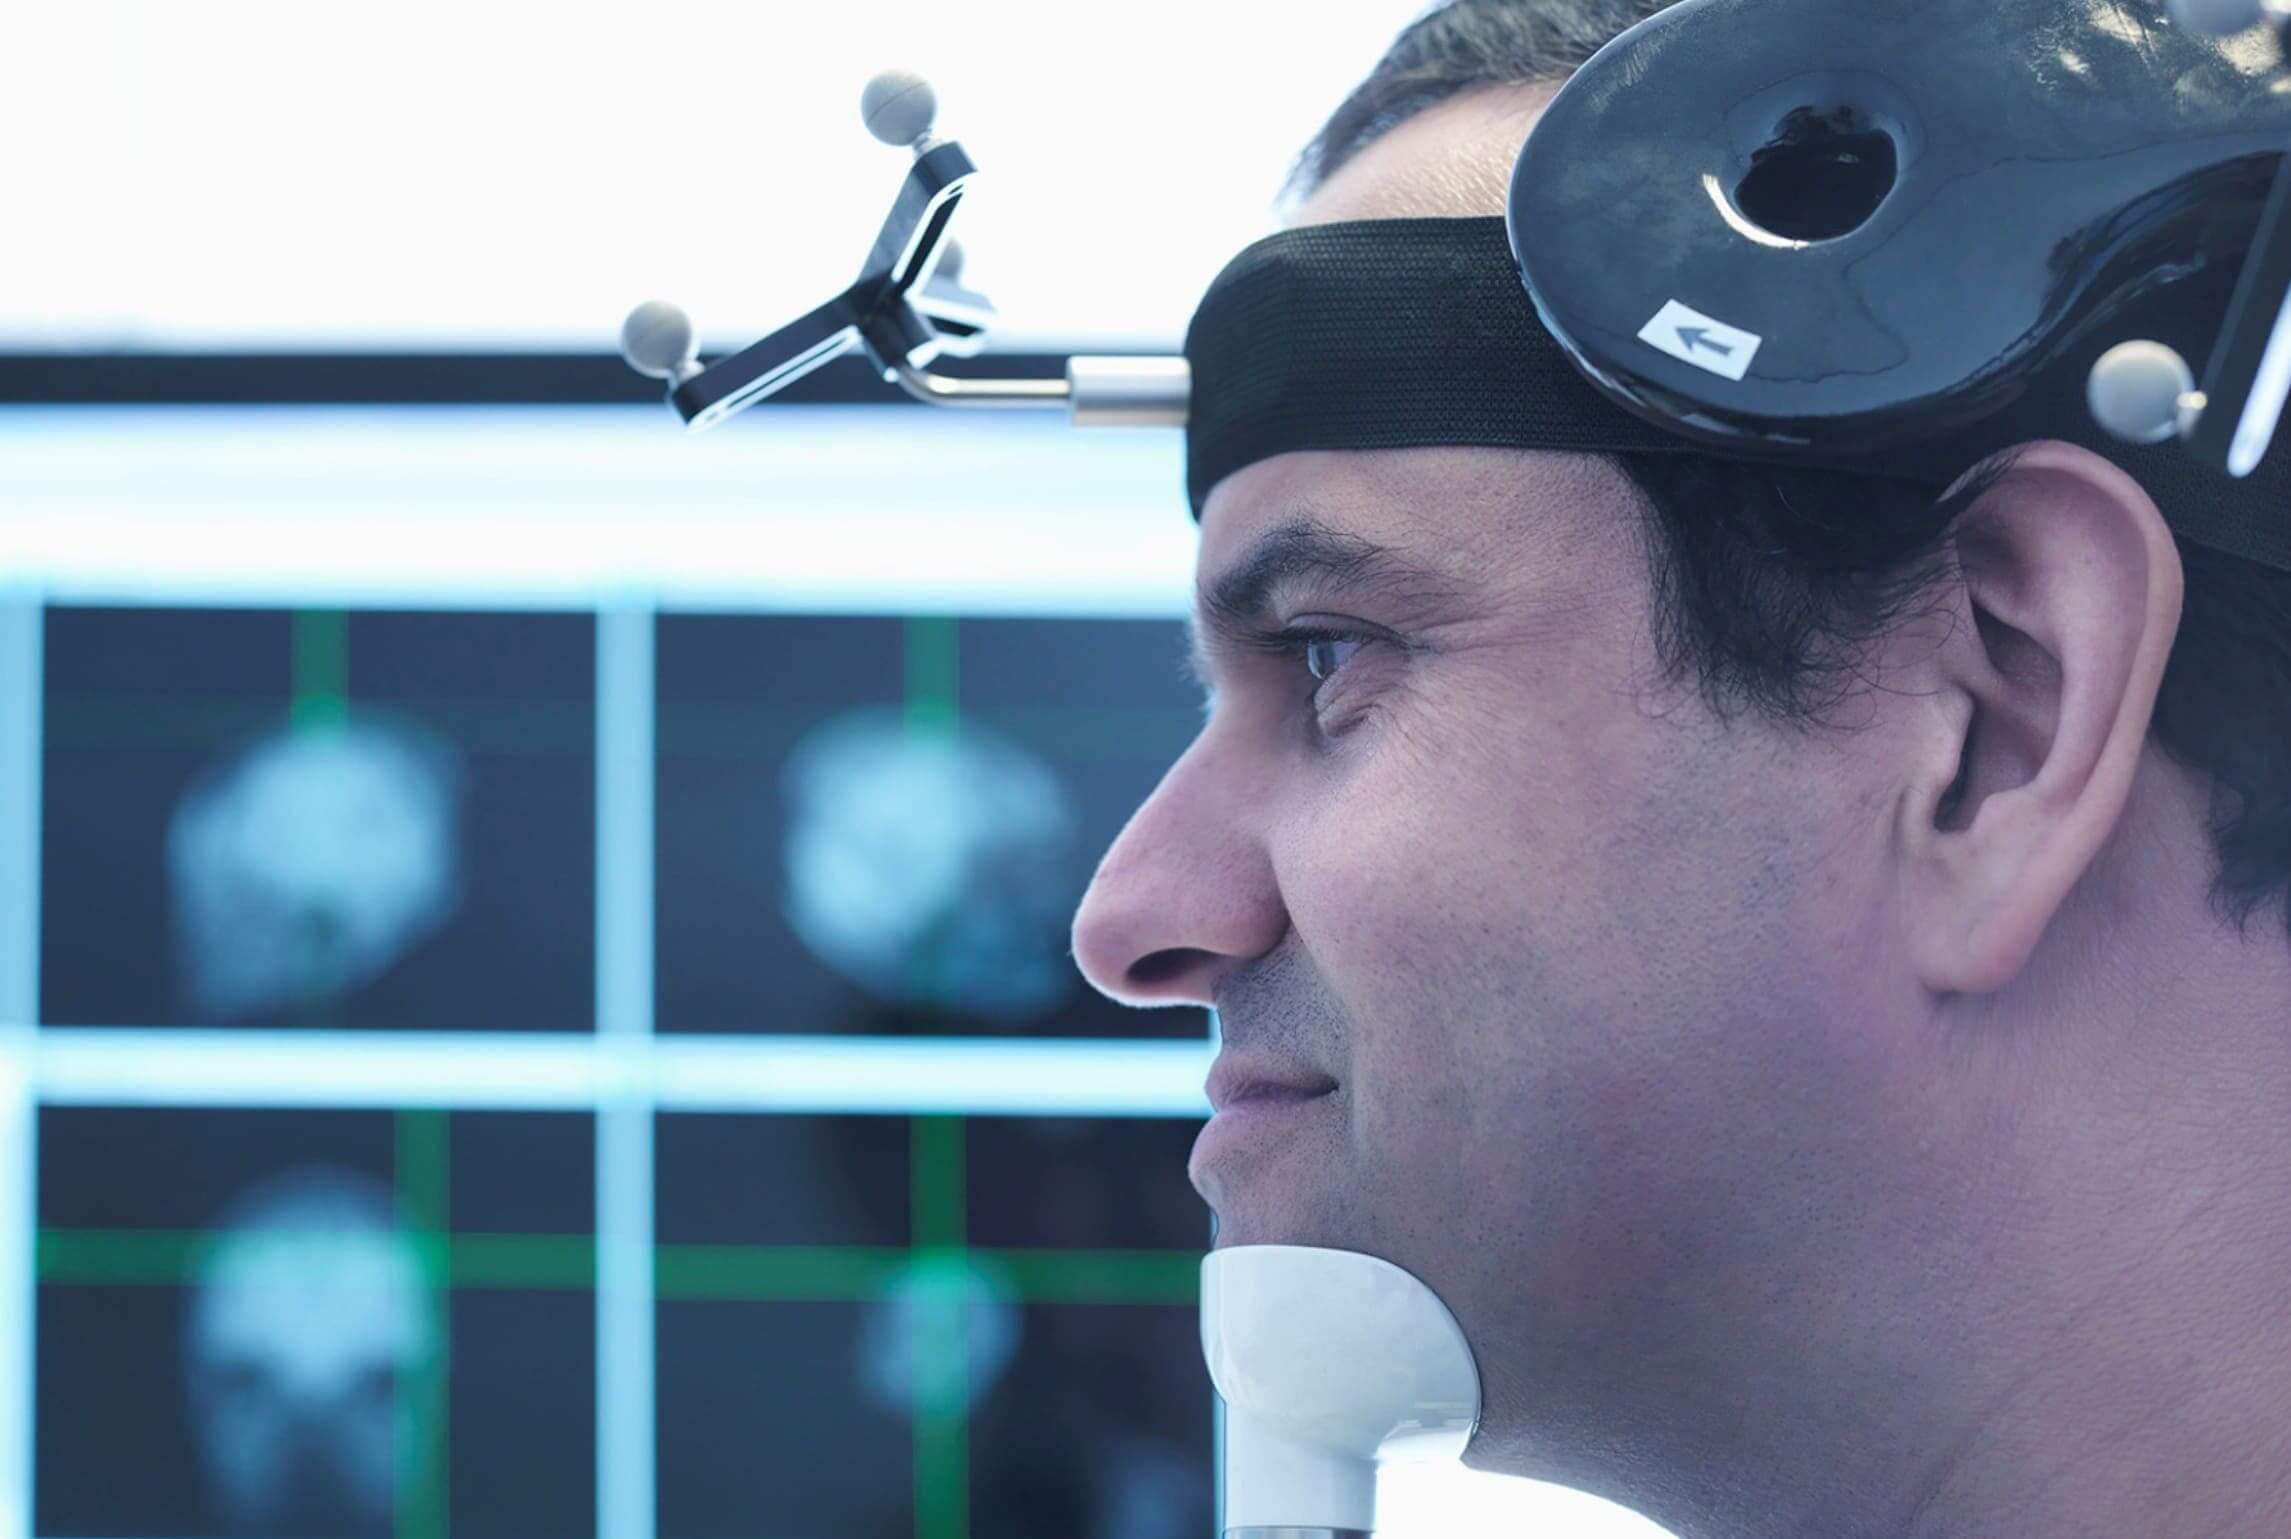 Голова мужчины с катушкой ТМС на фоне монитора